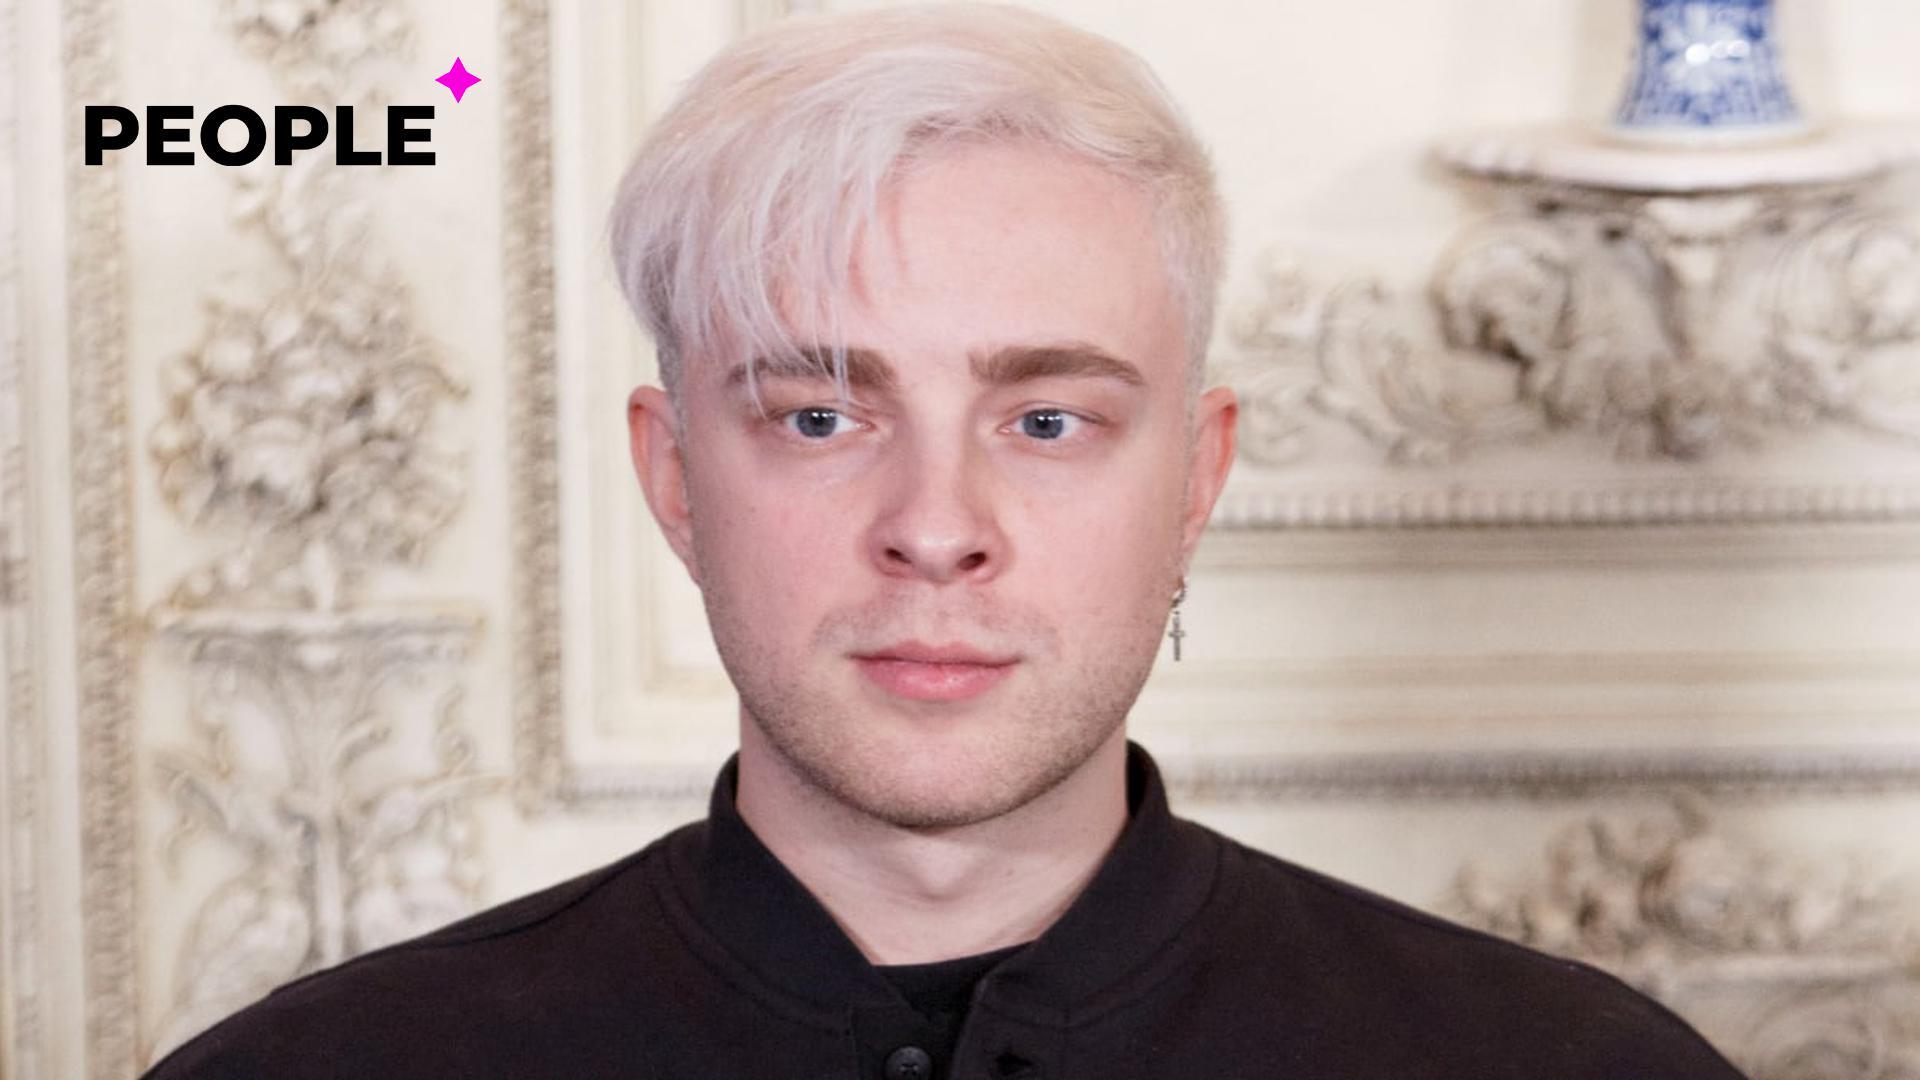 Бывшая девушка Егора Крида призналась, что он постоянно ей изменял